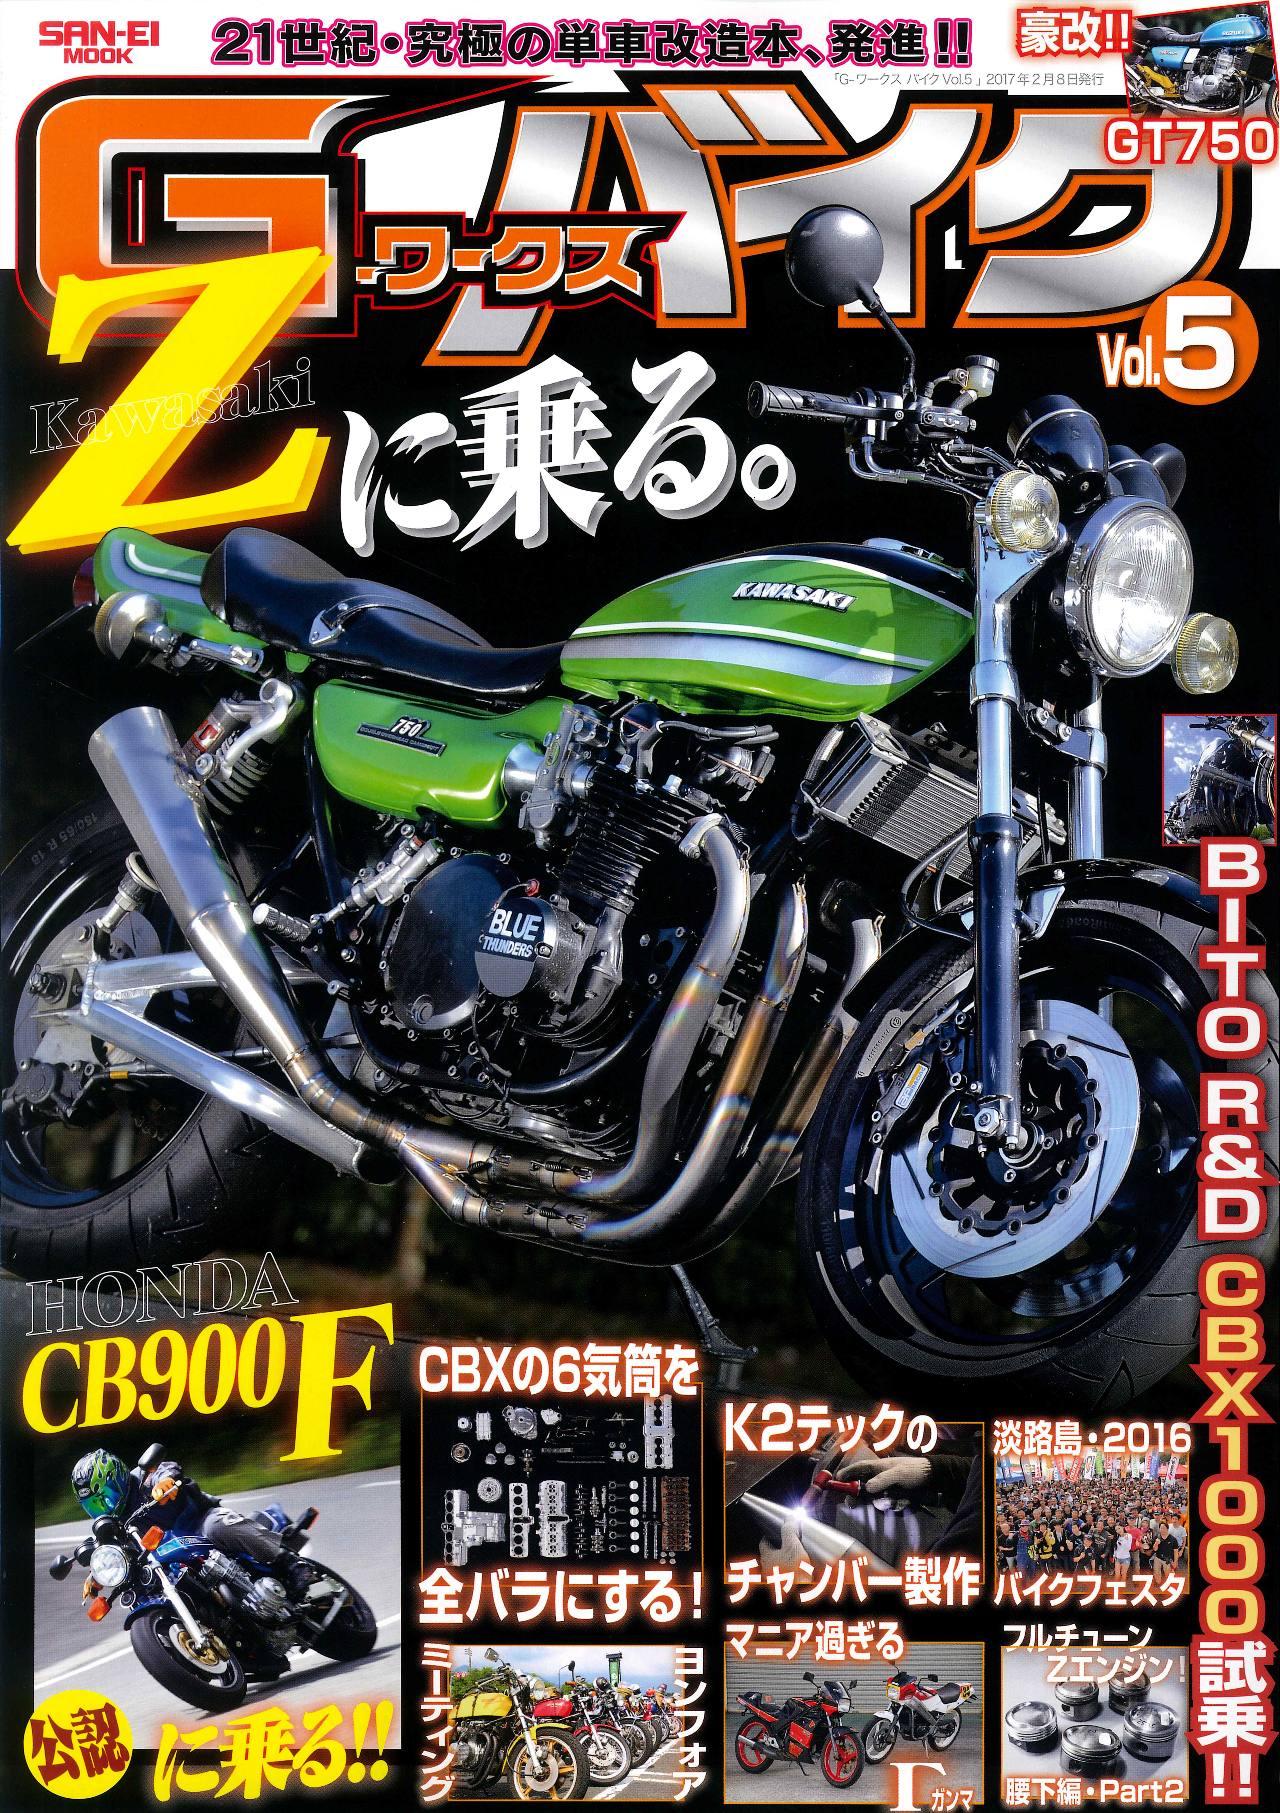 Gワークスバイク Vol.5 JANUARY